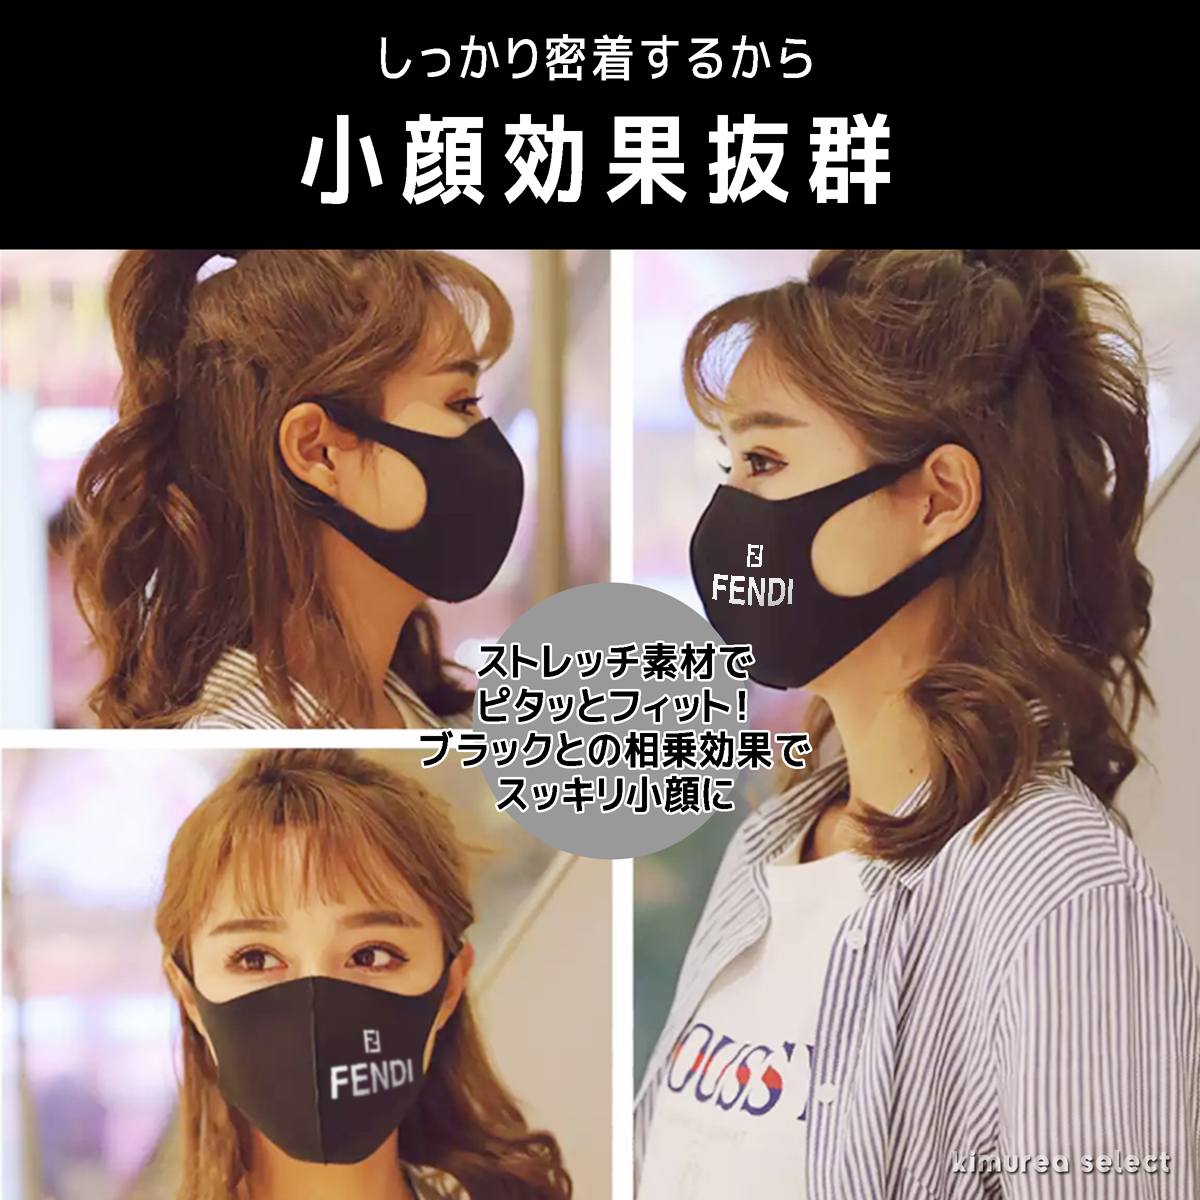 フェンディ洗えるマスクコピーブランドファッション男女兼用